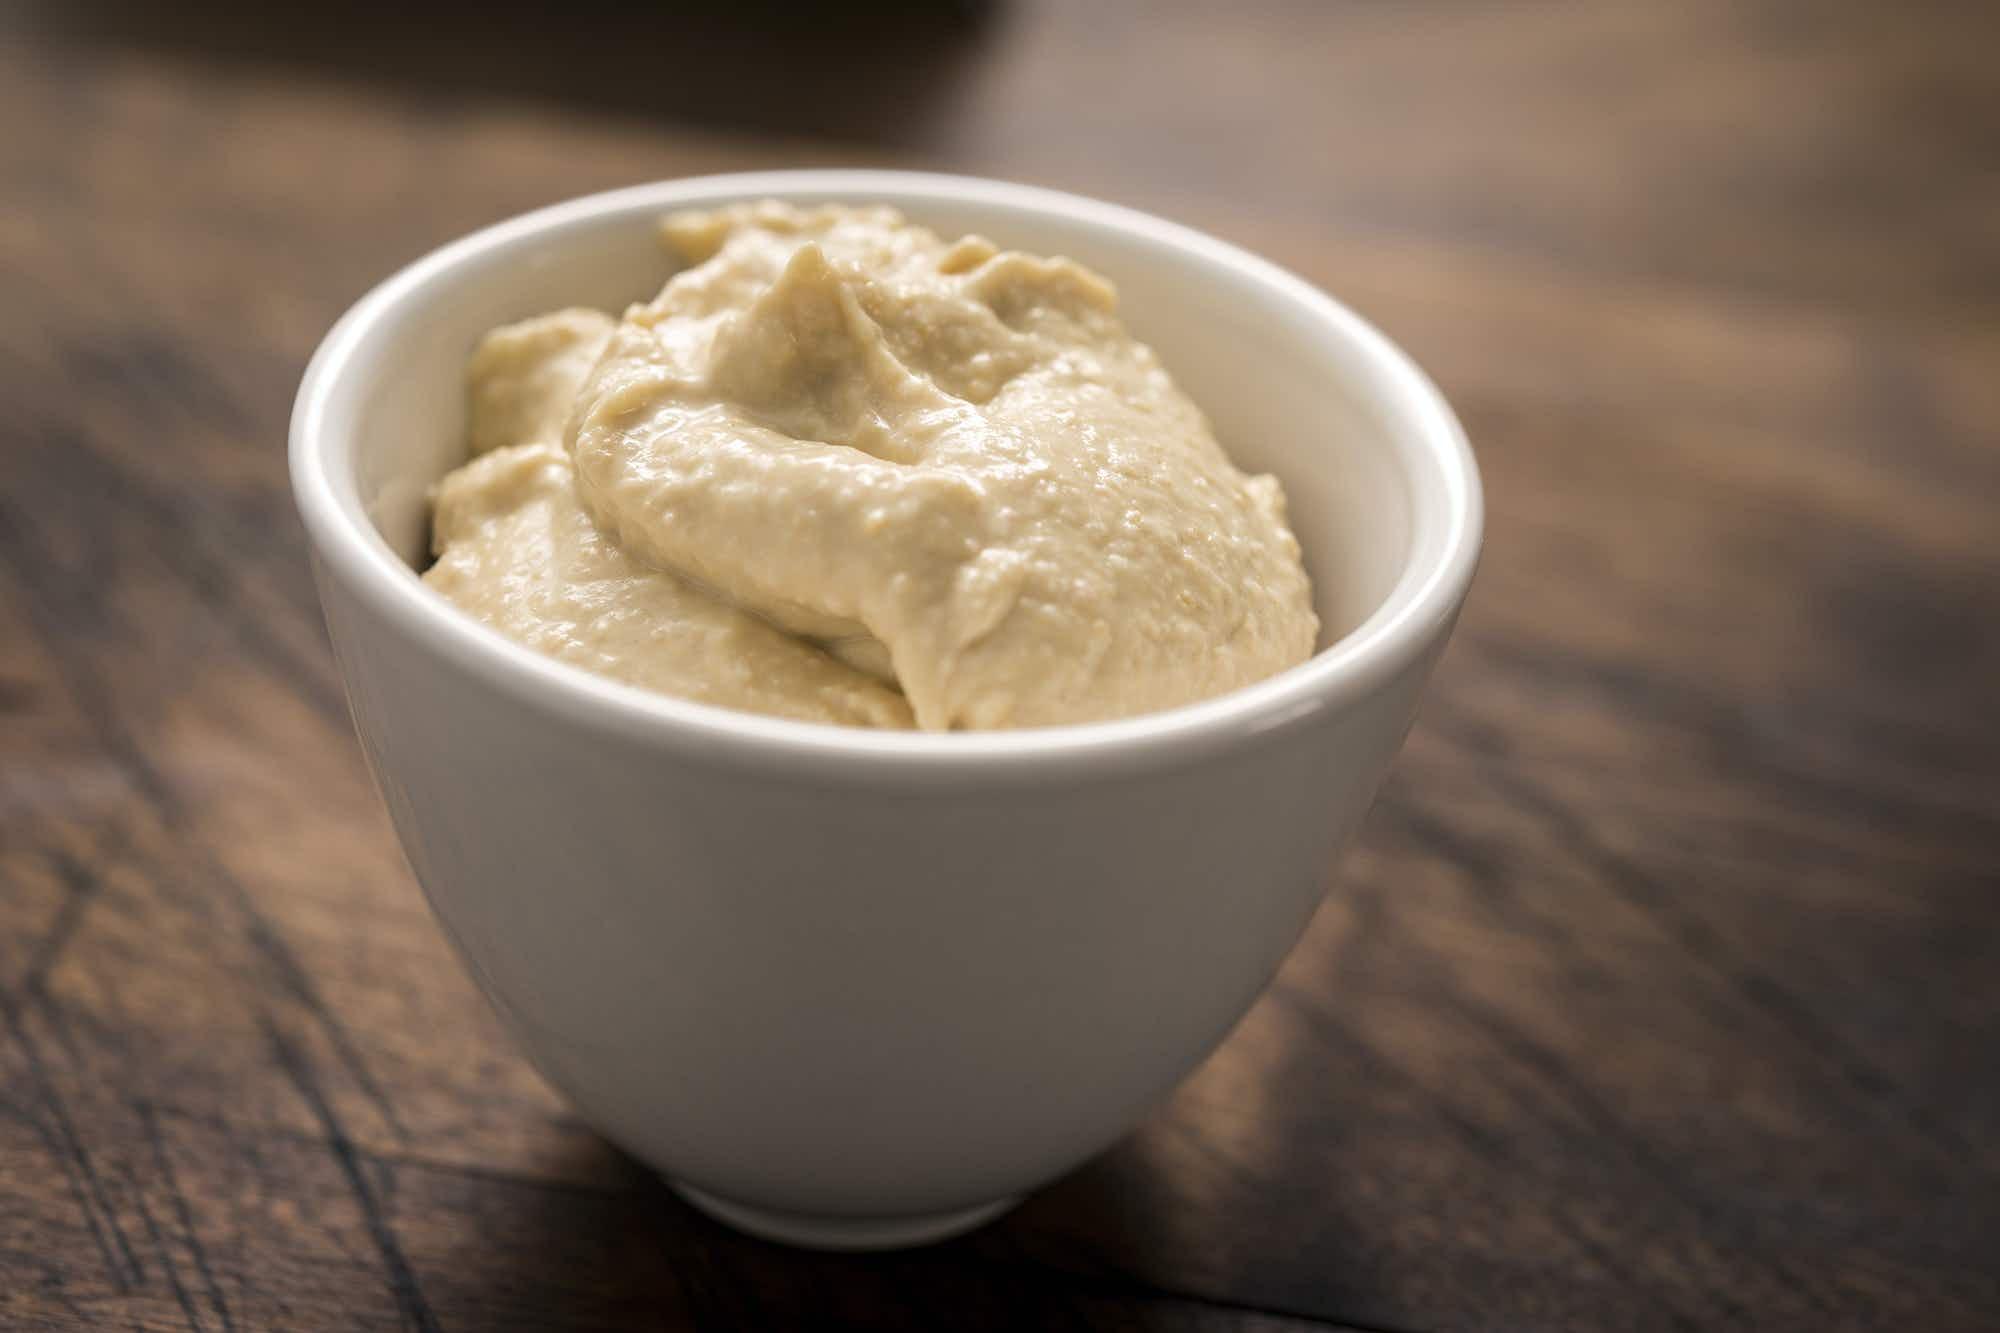 Hummus milkshakes are NYC's latest dessert trend